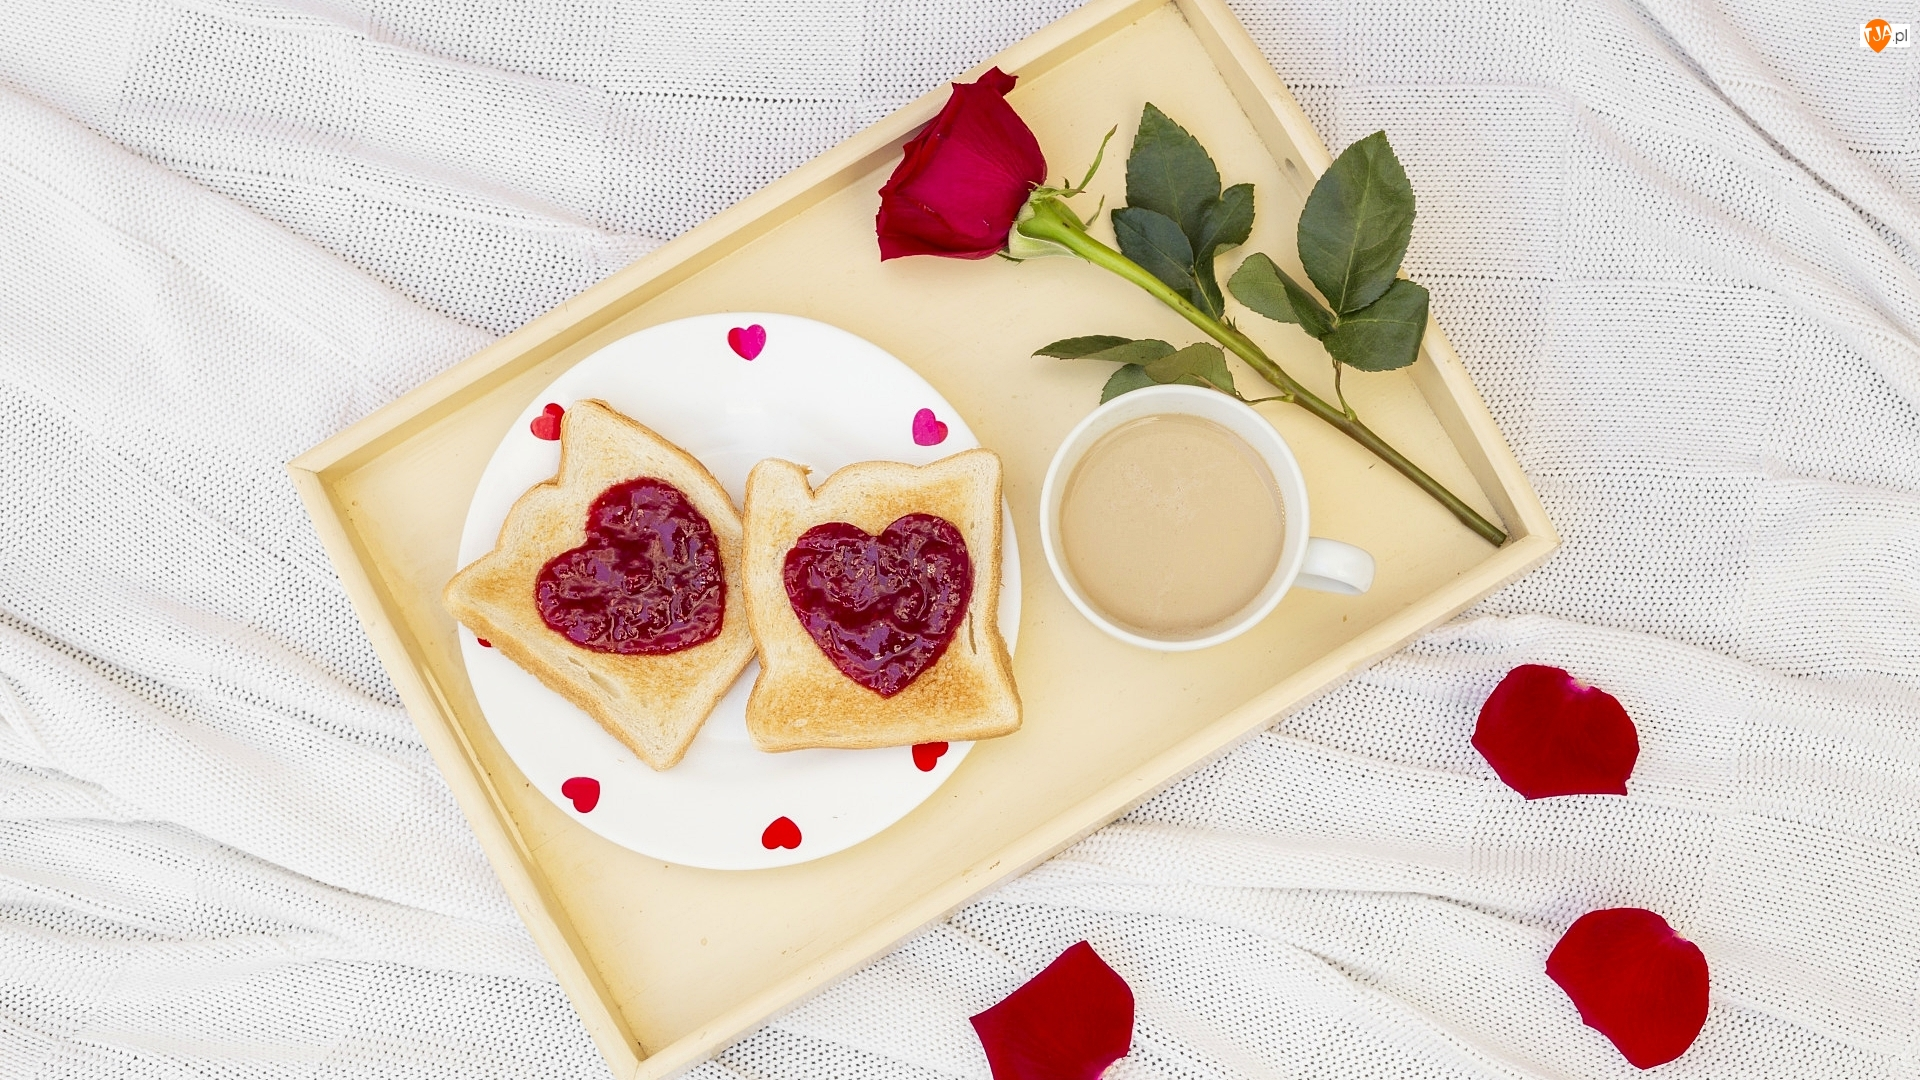 Śniadanie, Walentynki, Kawa, Taca, Tosty, Róża